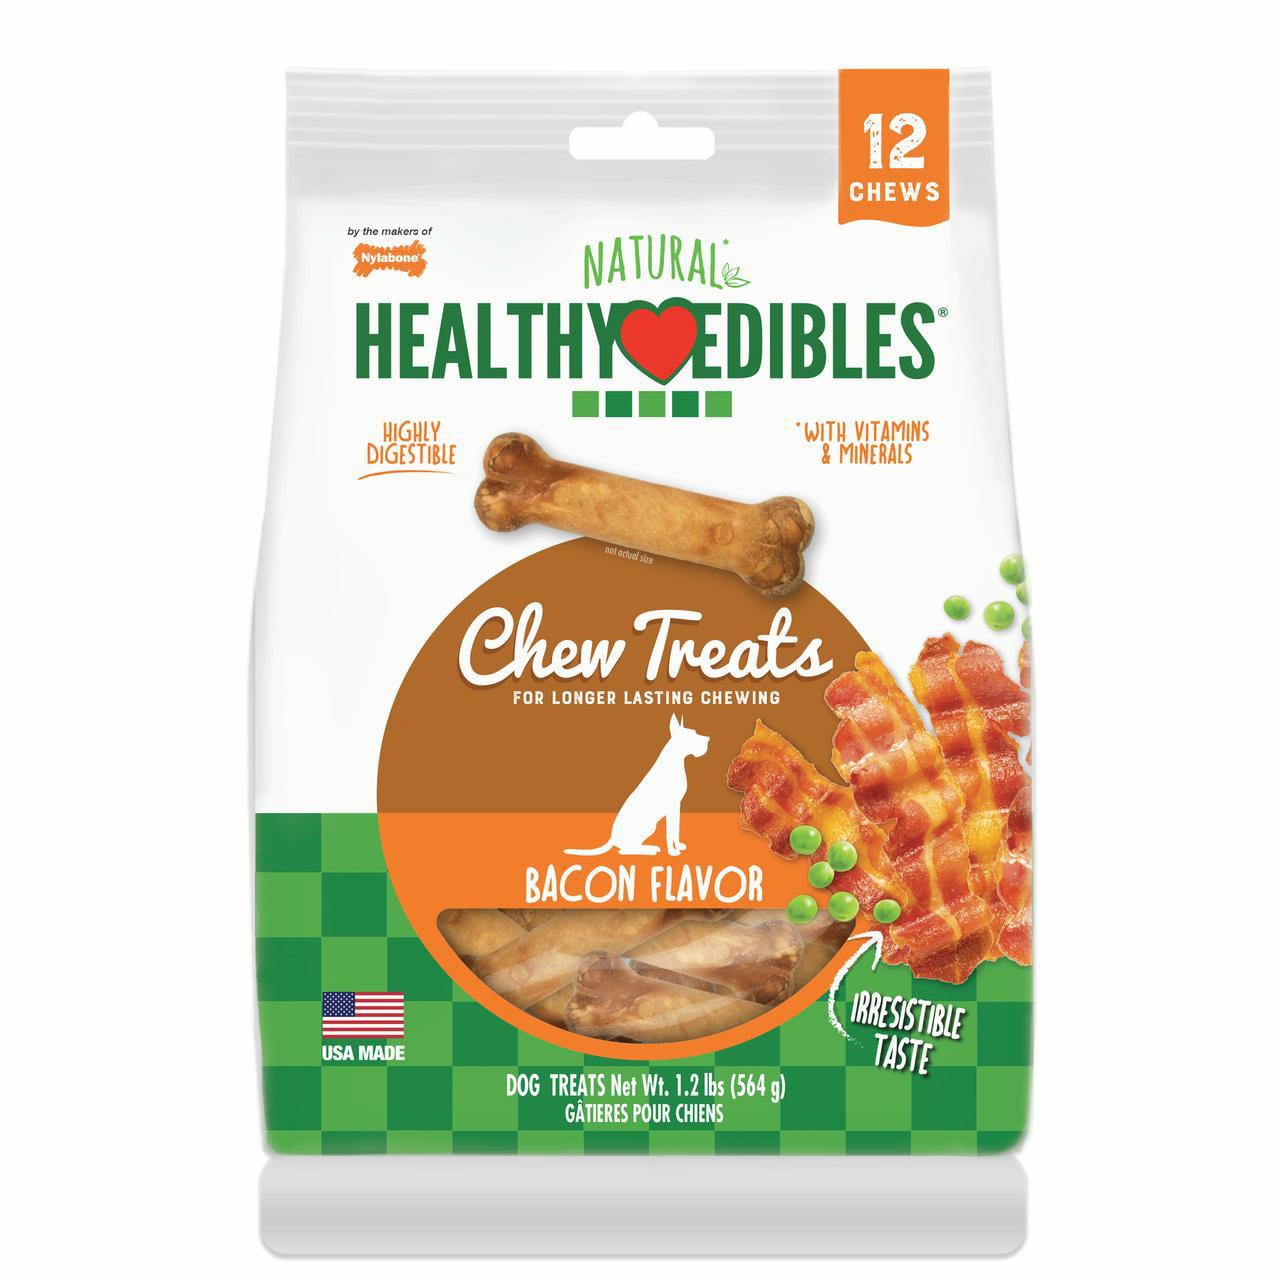 Nylabone Healthy Edibles Natural Bacon Flavored Dog Treats, Medium, 12 Count